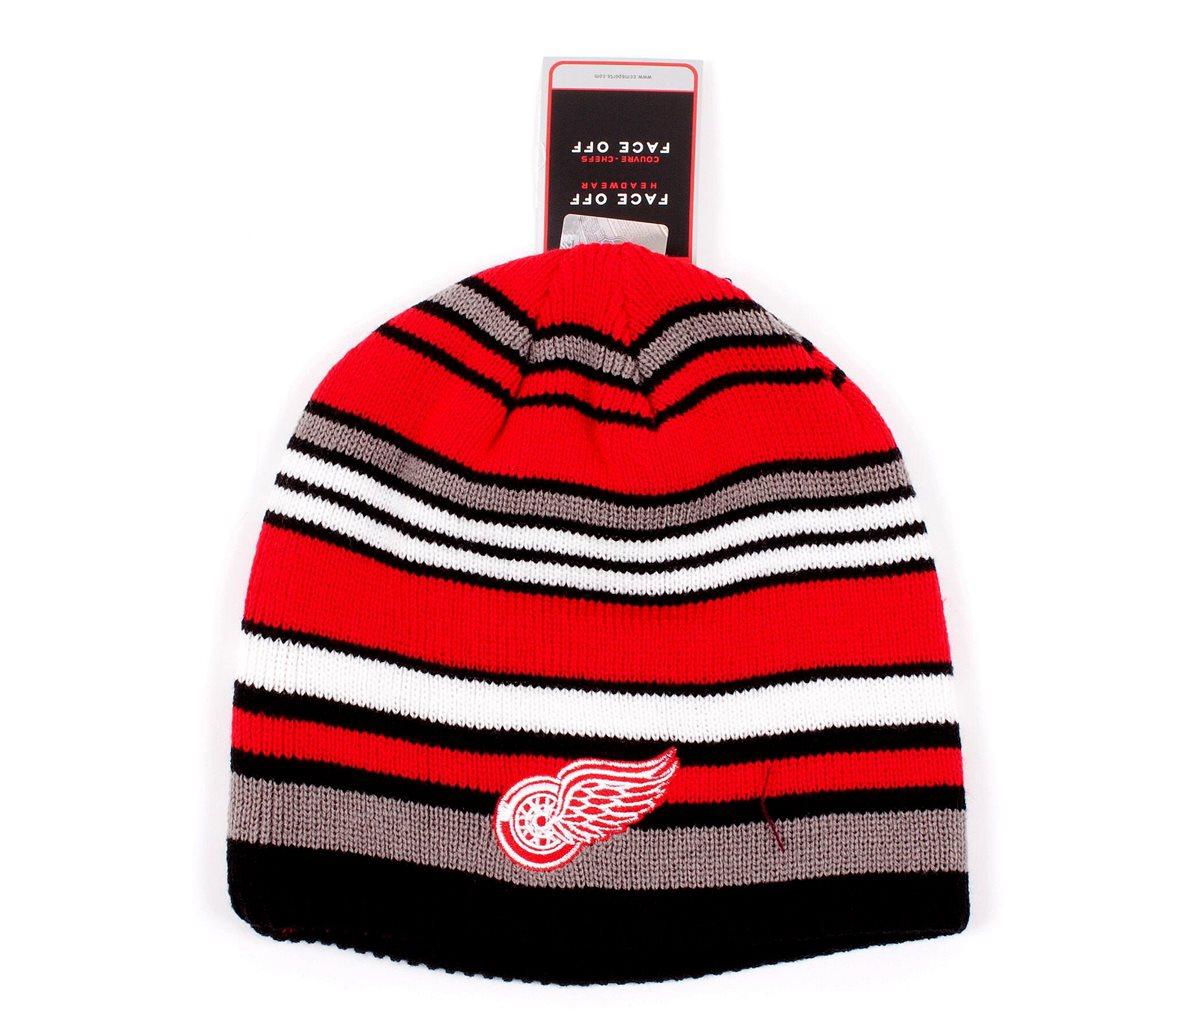 Reebok Čepice Detroit Red Wings Cuffless